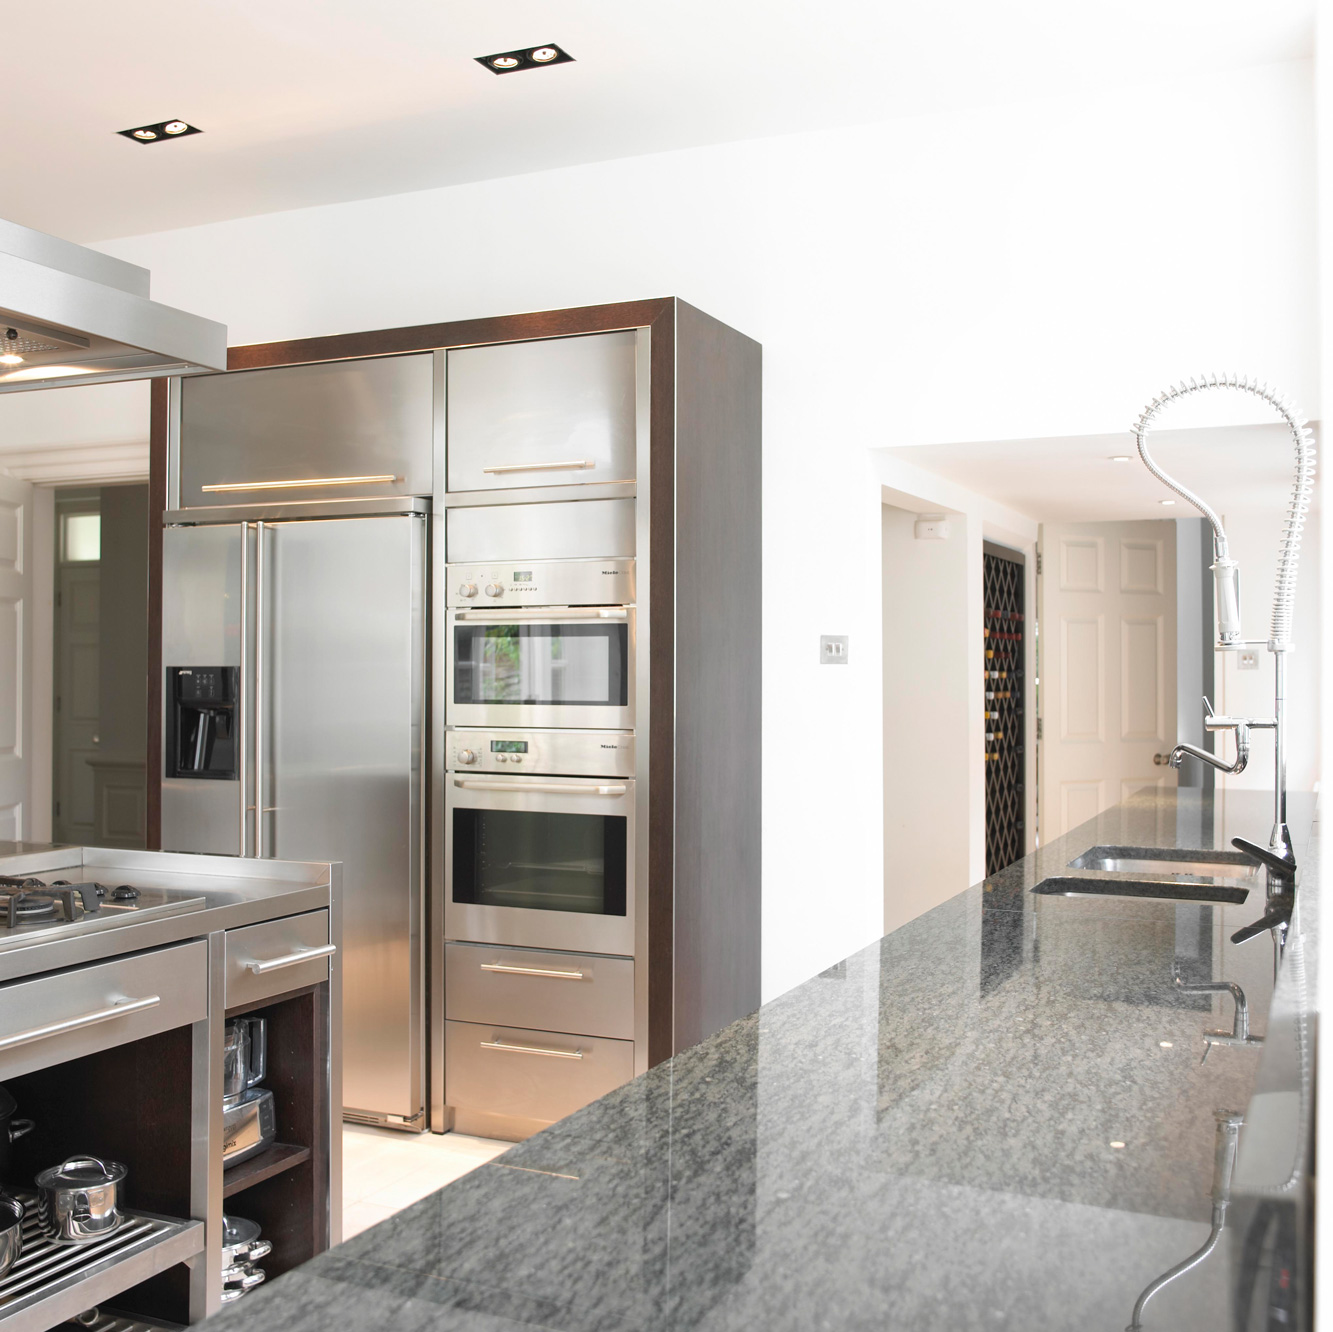 John Evans Kitchen Interior Design